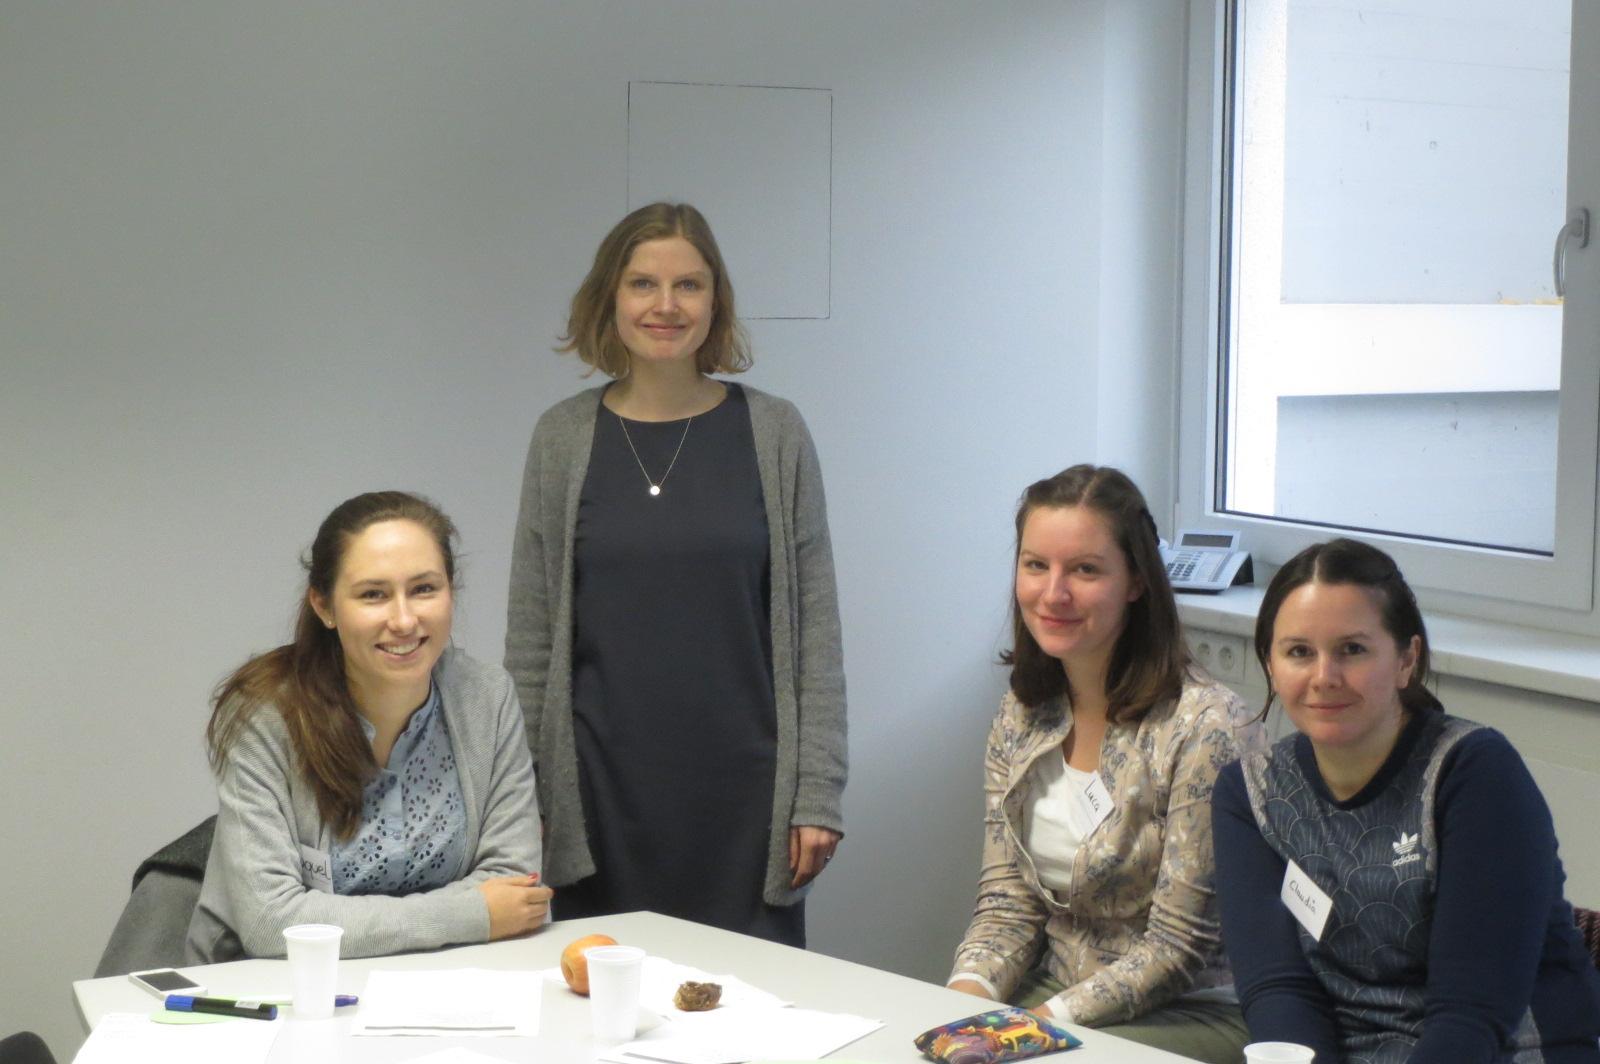 Teilnehmerinnen und Seminarleiterin des NeututorInnenseminars mit Schwerpunkt Nachhilfetutorium